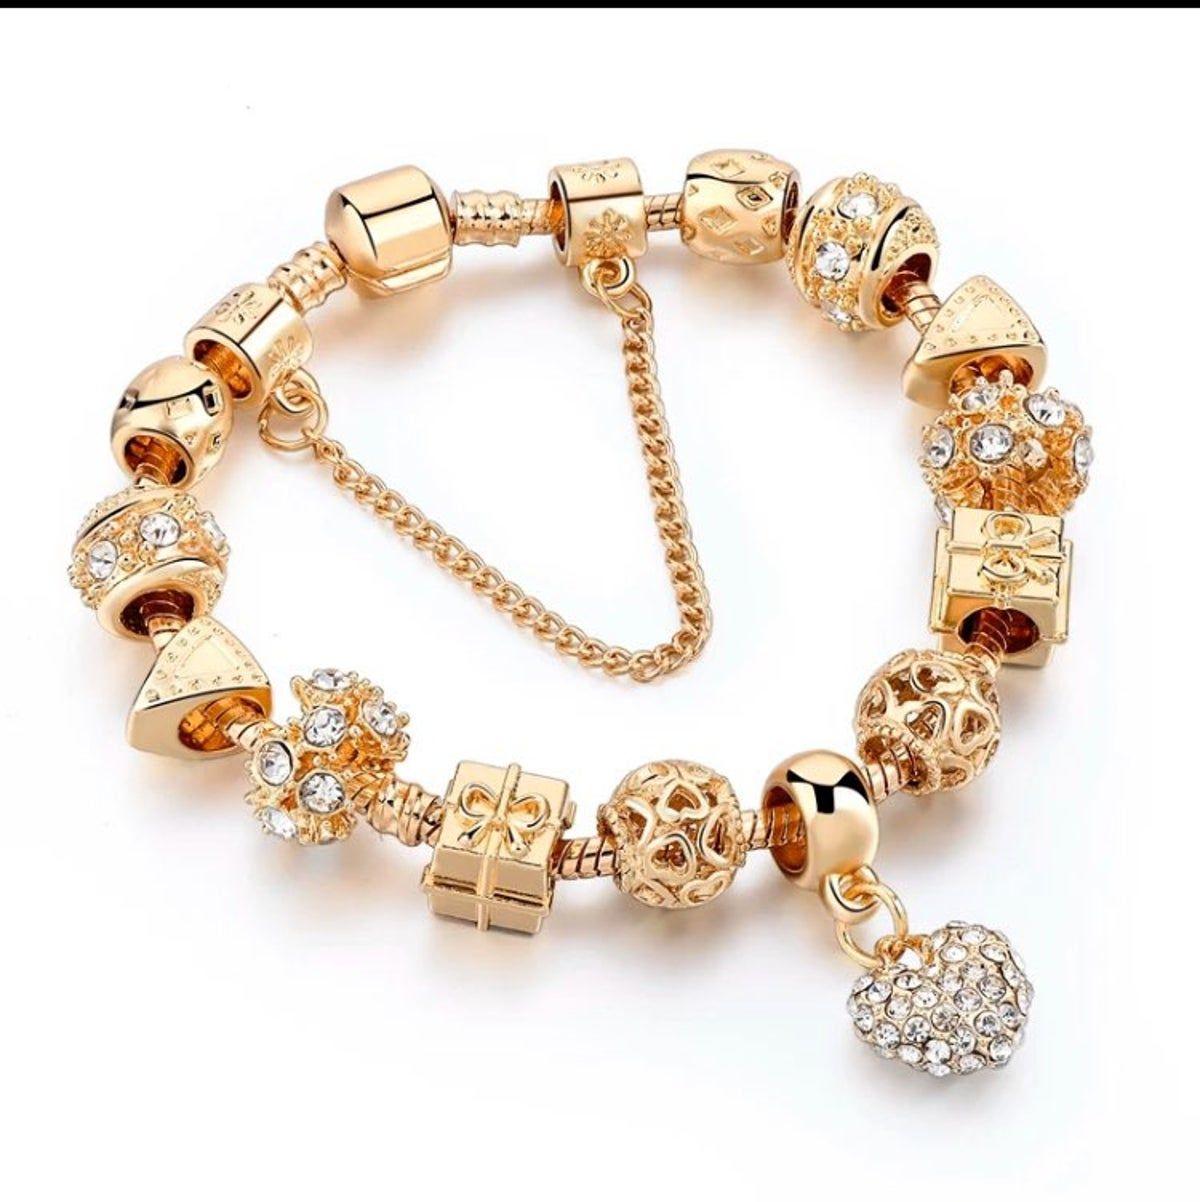 Pin by lisaury rosario on Ropa de moda de niñas | Gold bracelet ...